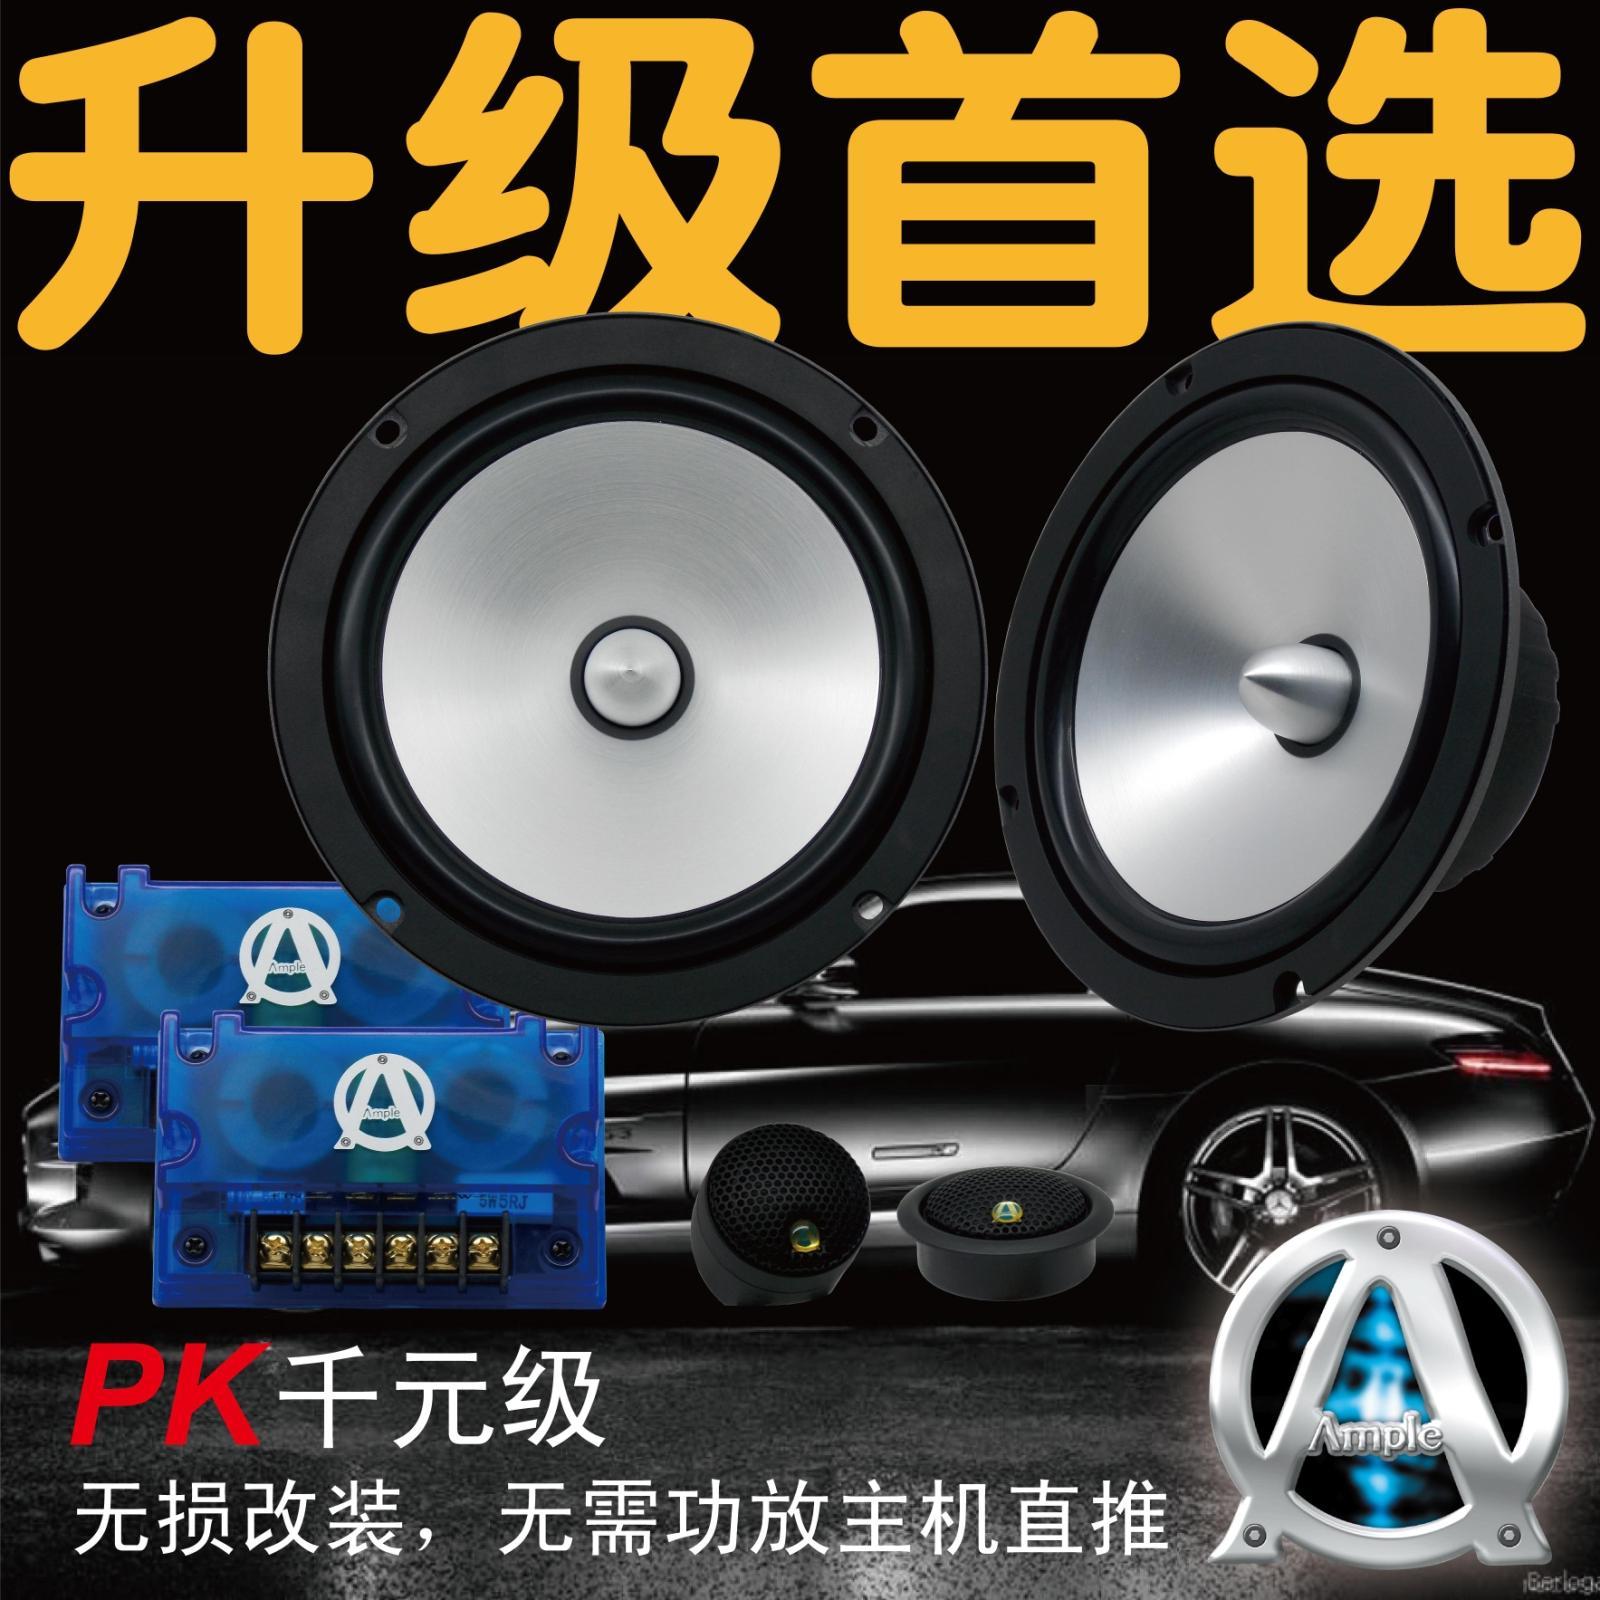 正品安普汽车音响喇叭无损改装4寸5寸6.5寸套装喇叭旋转高音同轴